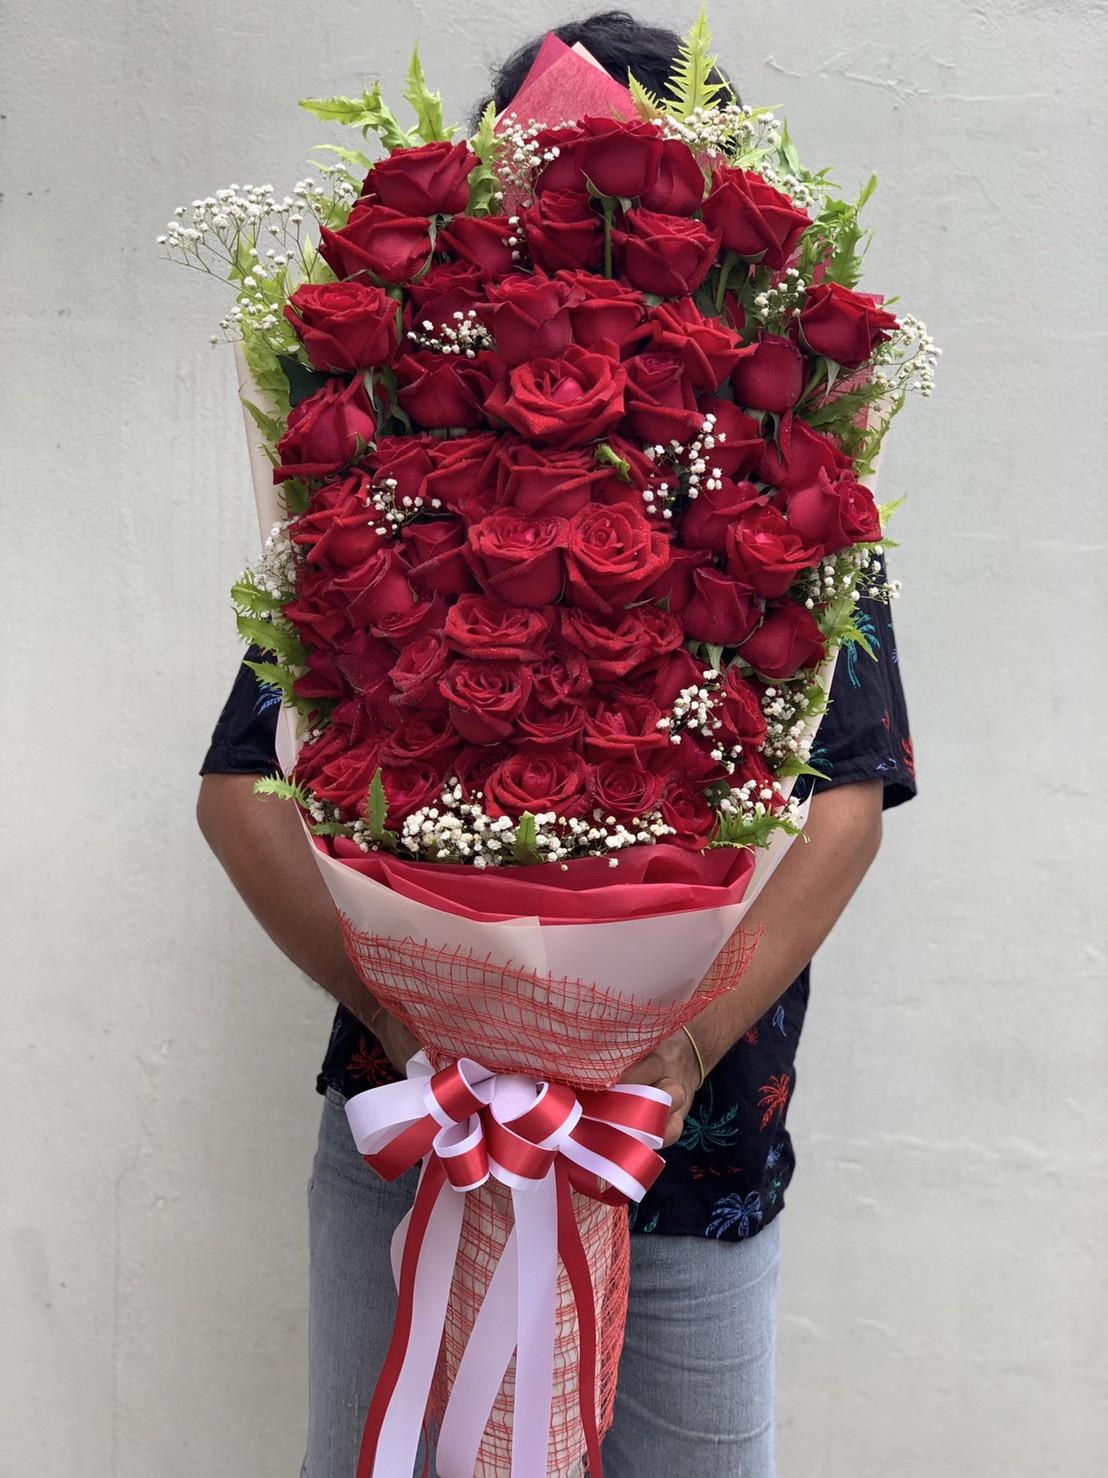 ช่อดอกไม้ไซส์ใหญ่ เต็มไปด้วยดอกกุหลาบร่วม 70 ดอก สวยจริง ๆ นะคะ